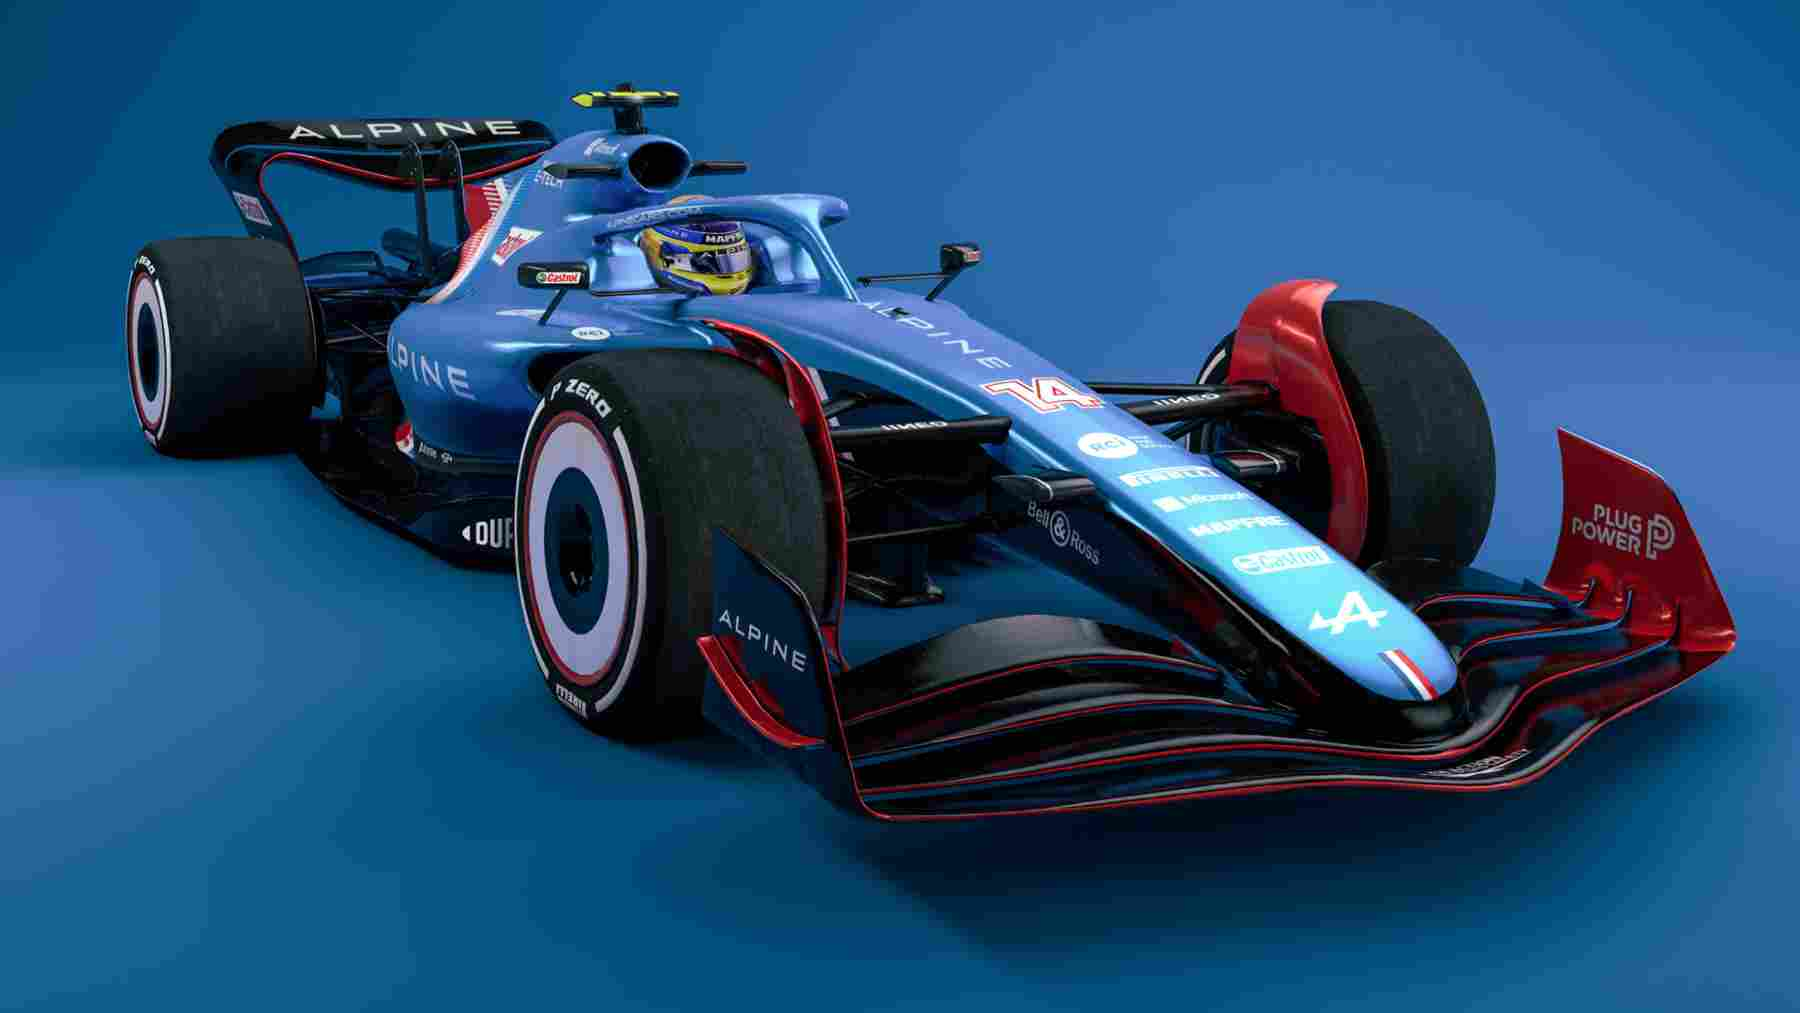 Así podría ser el coche Alpine de Fernando Alonso en 2022. (@F1)